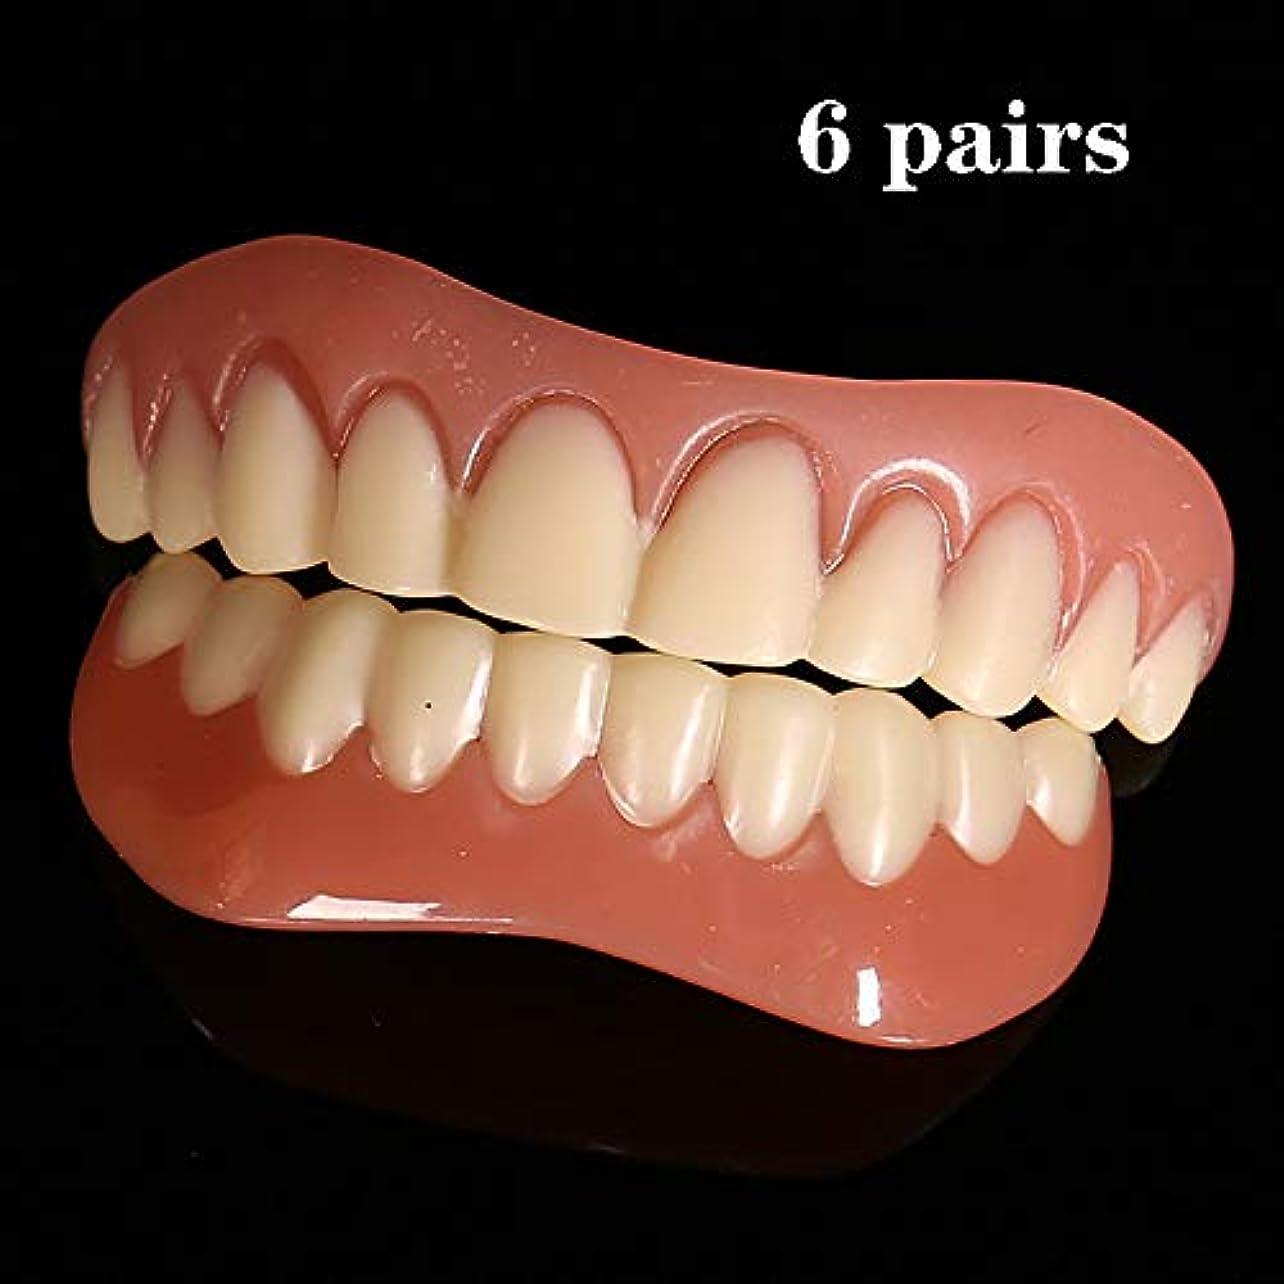 トランスミッション熟練した宗教歯突き板化粧品歯スナップオンセキュア6ペア上下の快適さフィット歯突き板安全インスタントスマイル化粧品ワンサイズ